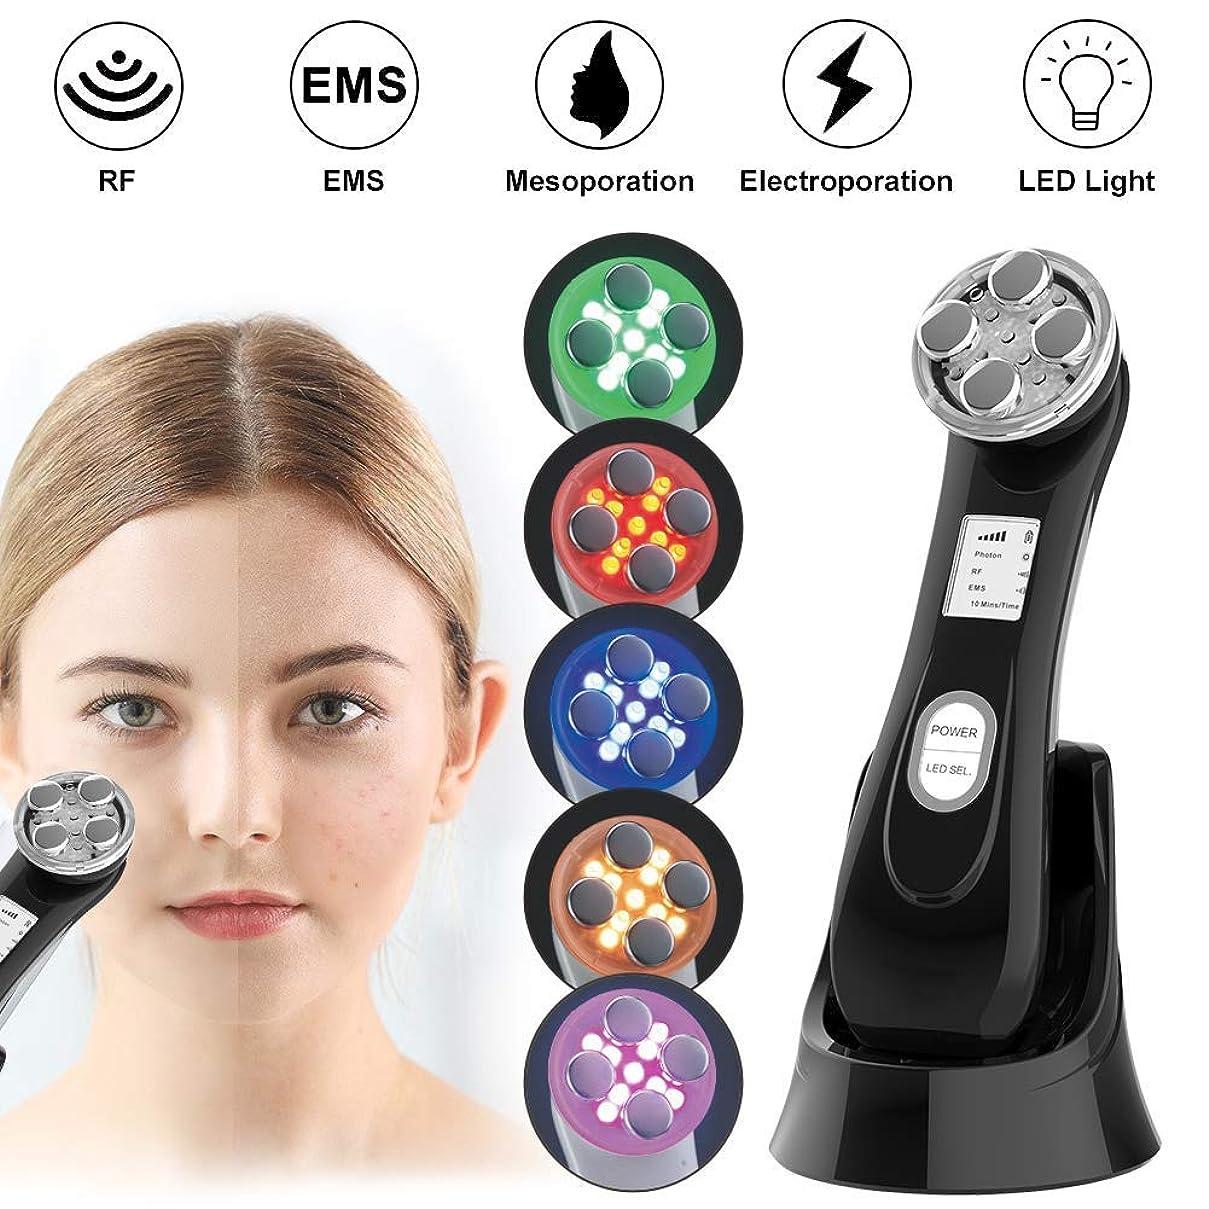 しかし流星ひらめき肌の引き締め機、しわ除去機、6 in 1 RF美容アンチエイジングアンチニキビフェイシャルリフティング美容機高周波USB充電式EMS超音波LEDフェイシャルフォトンフェイススキンケア